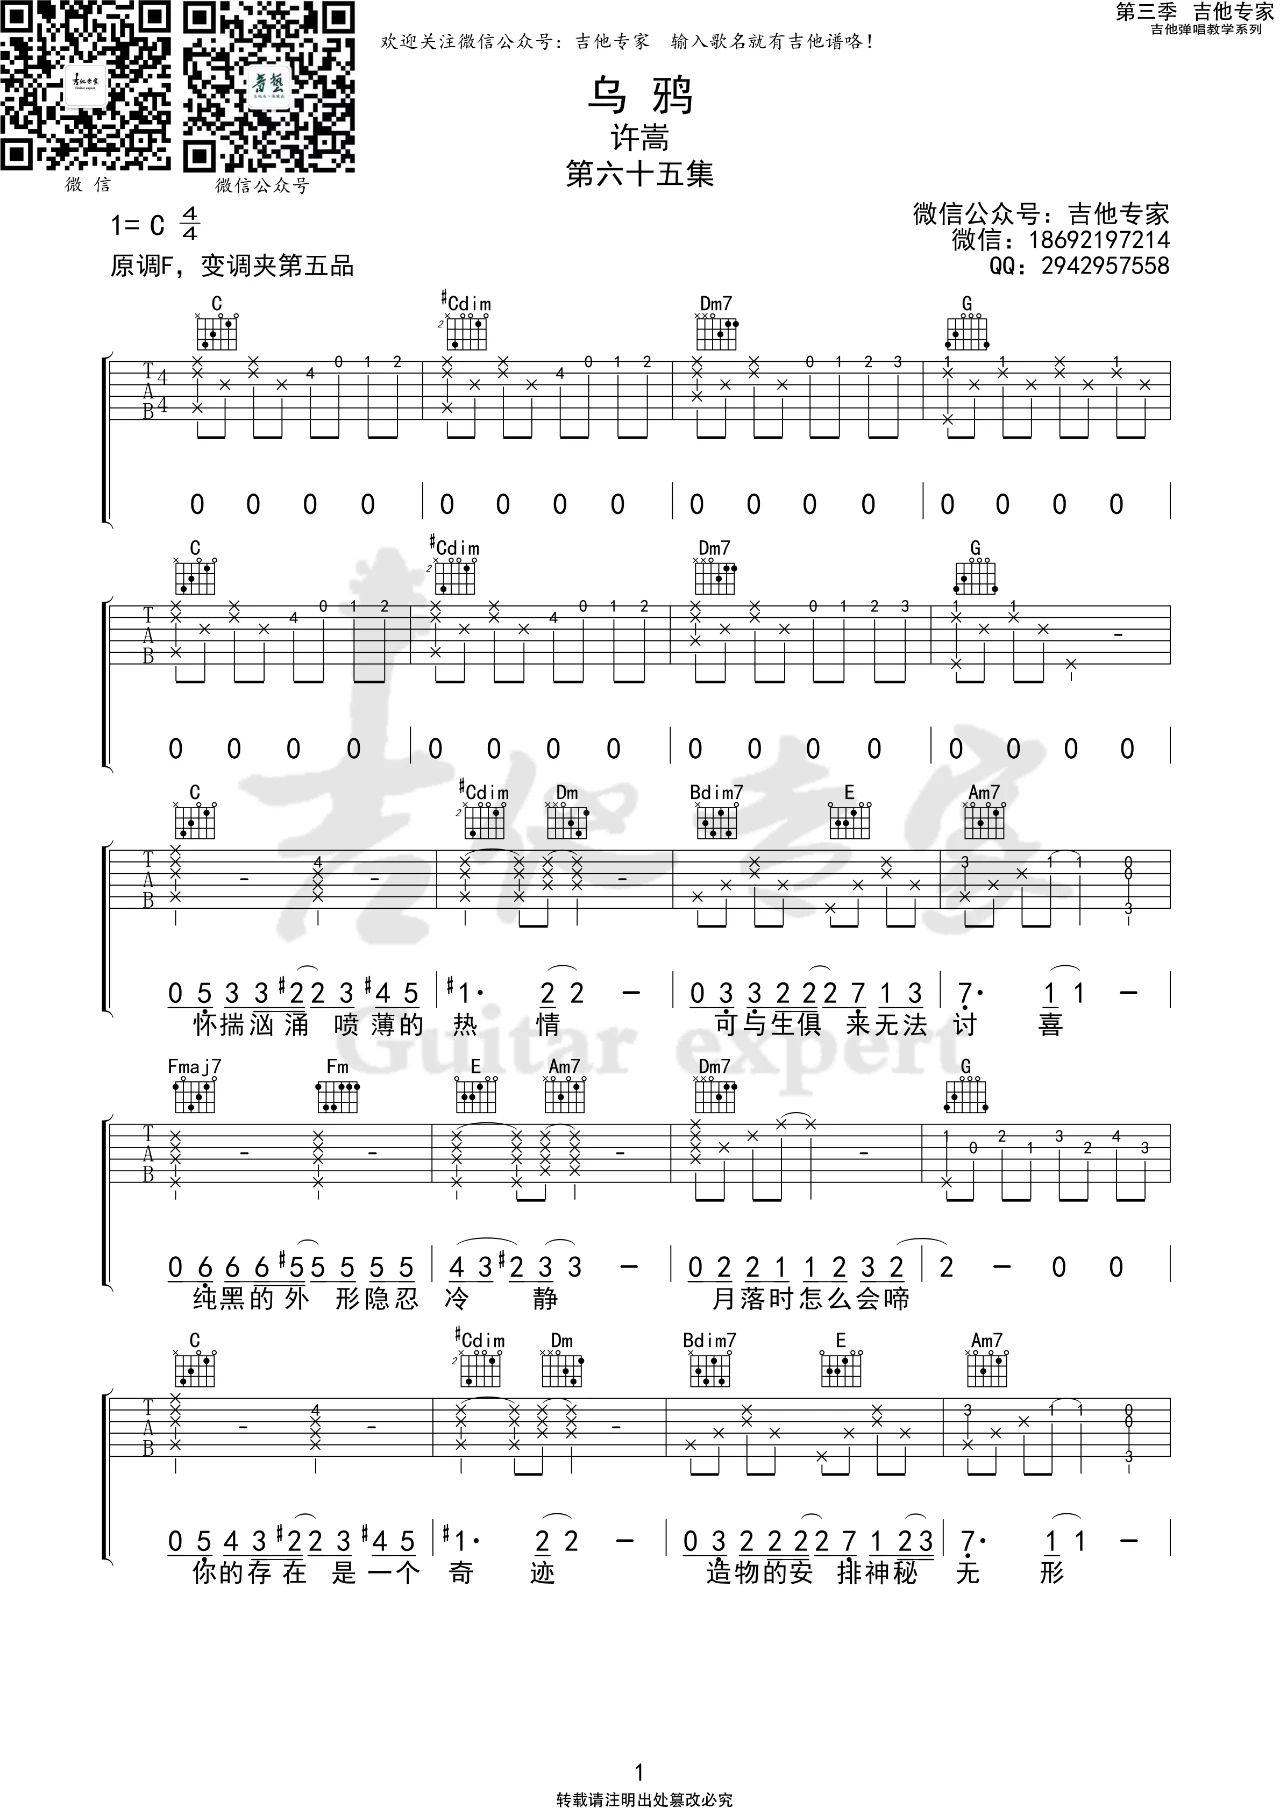 吉他派乌鸦吉他谱专家版-1